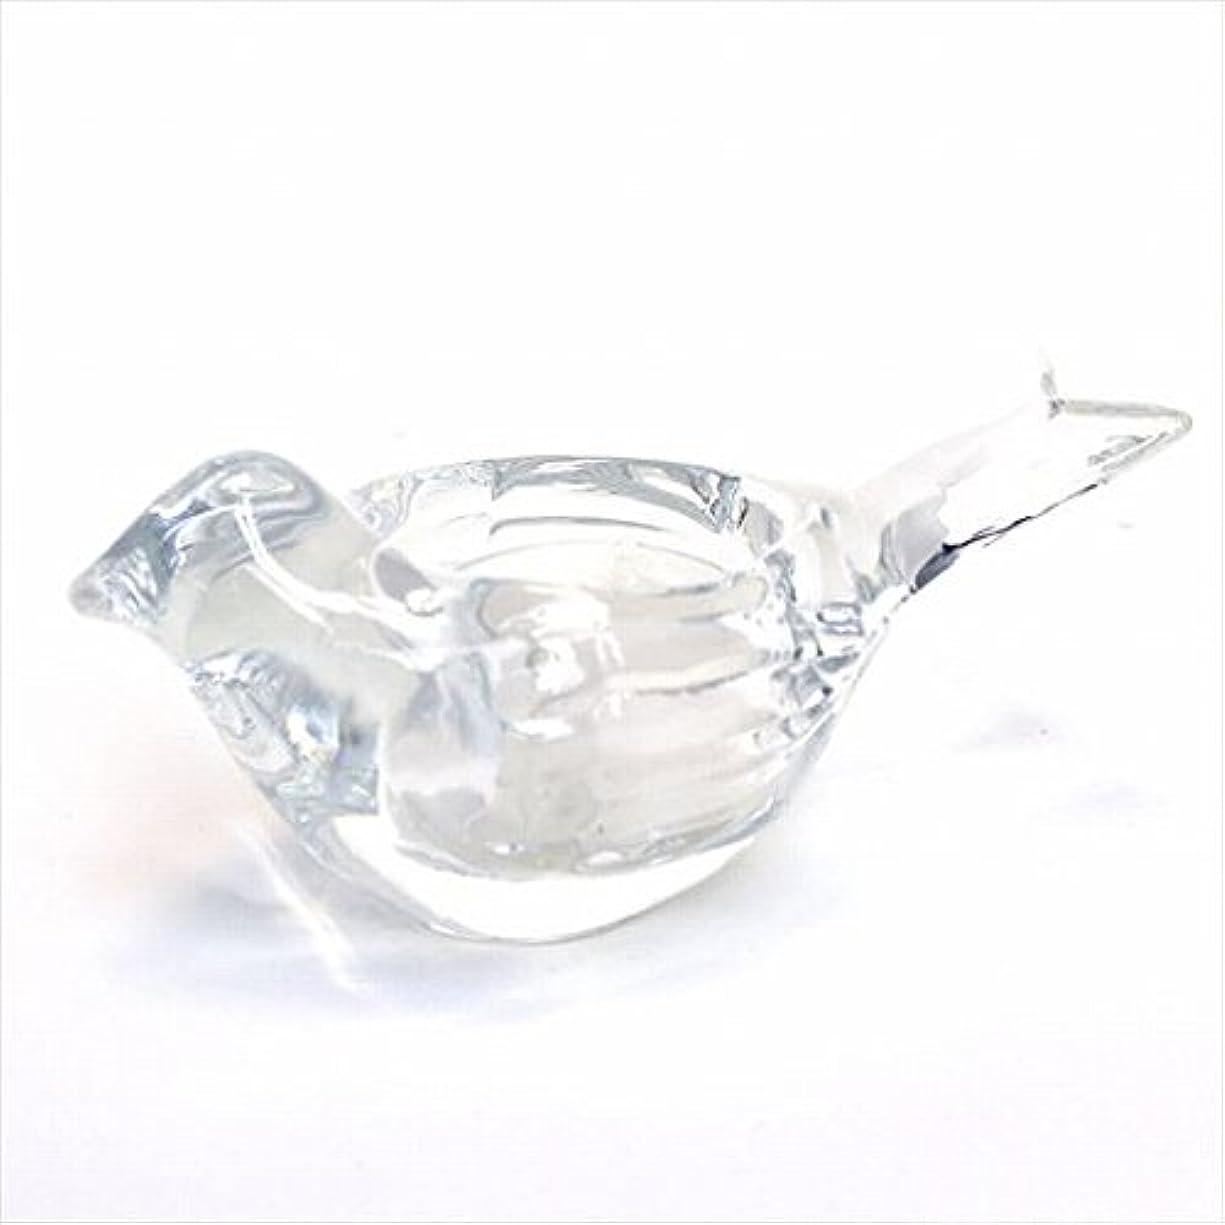 スリンク不快な水素カメヤマキャンドル(kameyama candle) オードリーティーライトホルダー 「 クリア 」